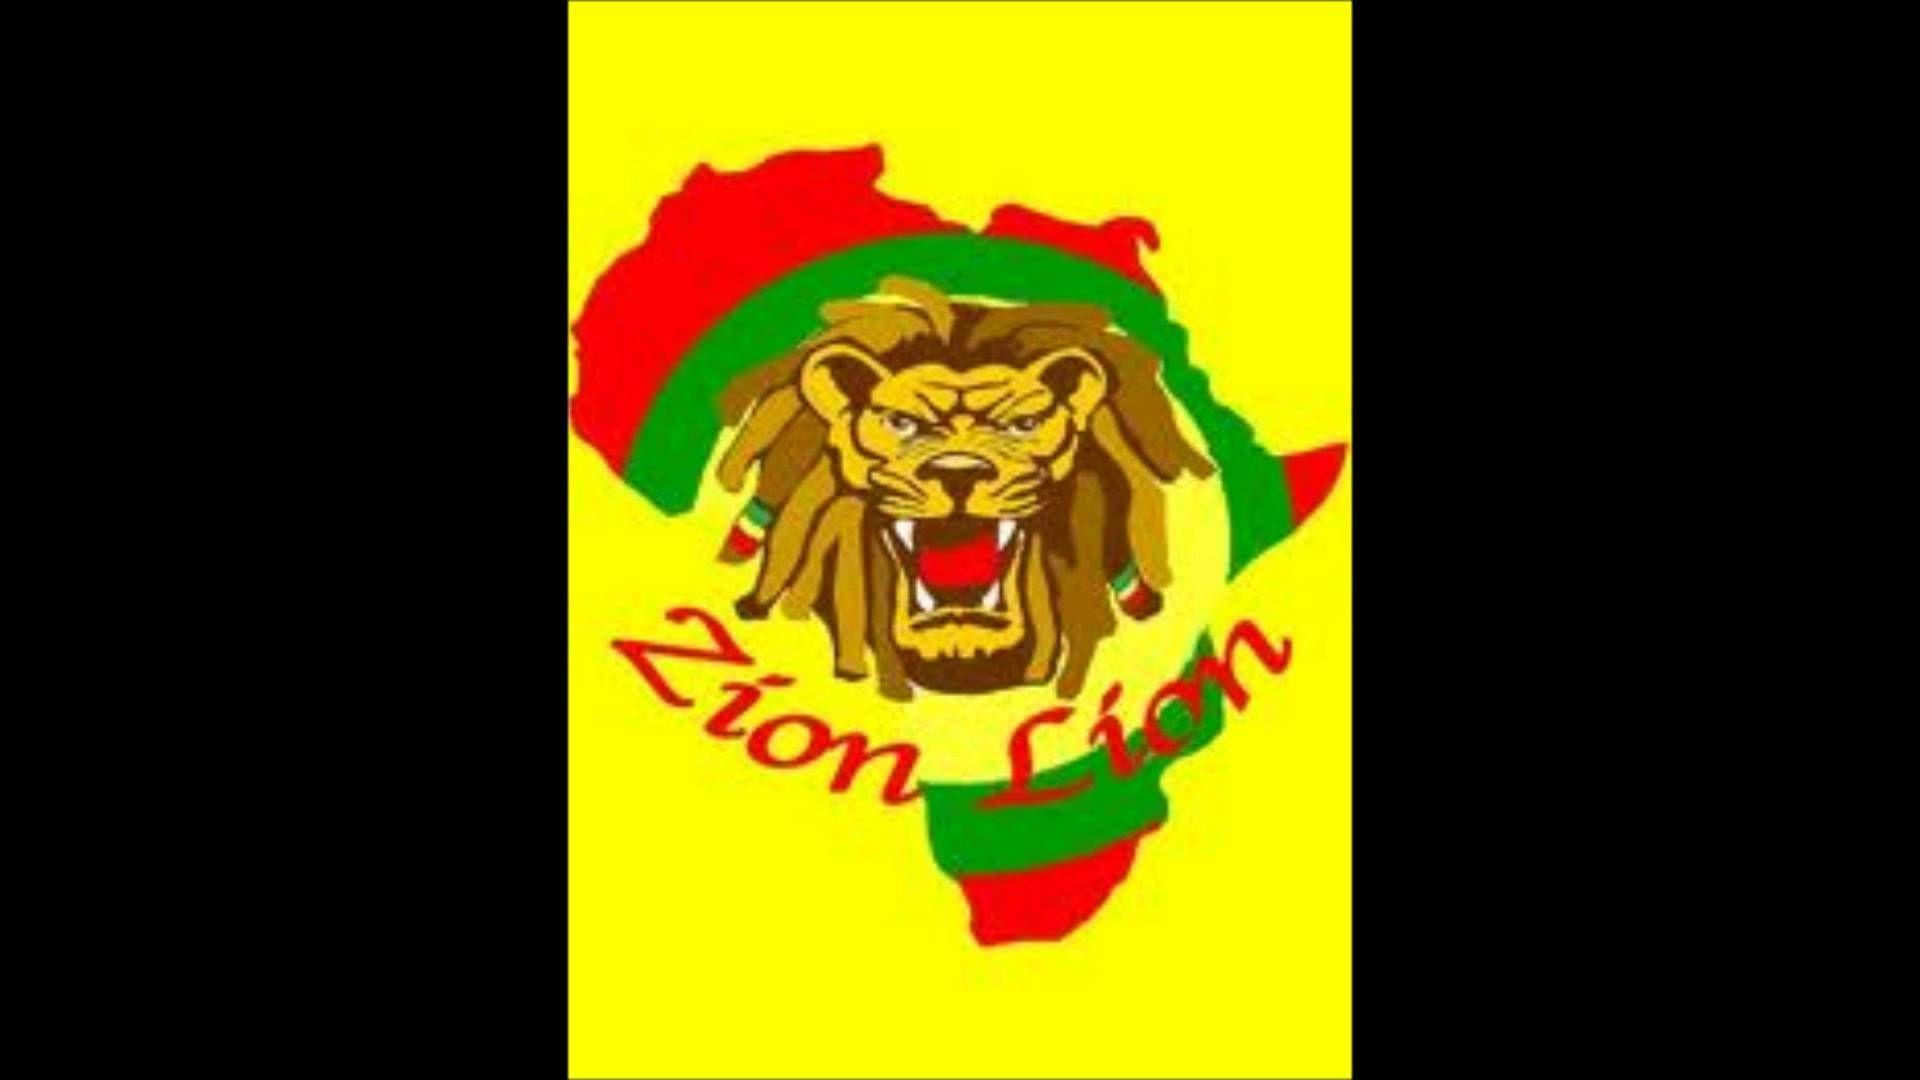 Ras Shiloh--Unto Zion (+playlist)